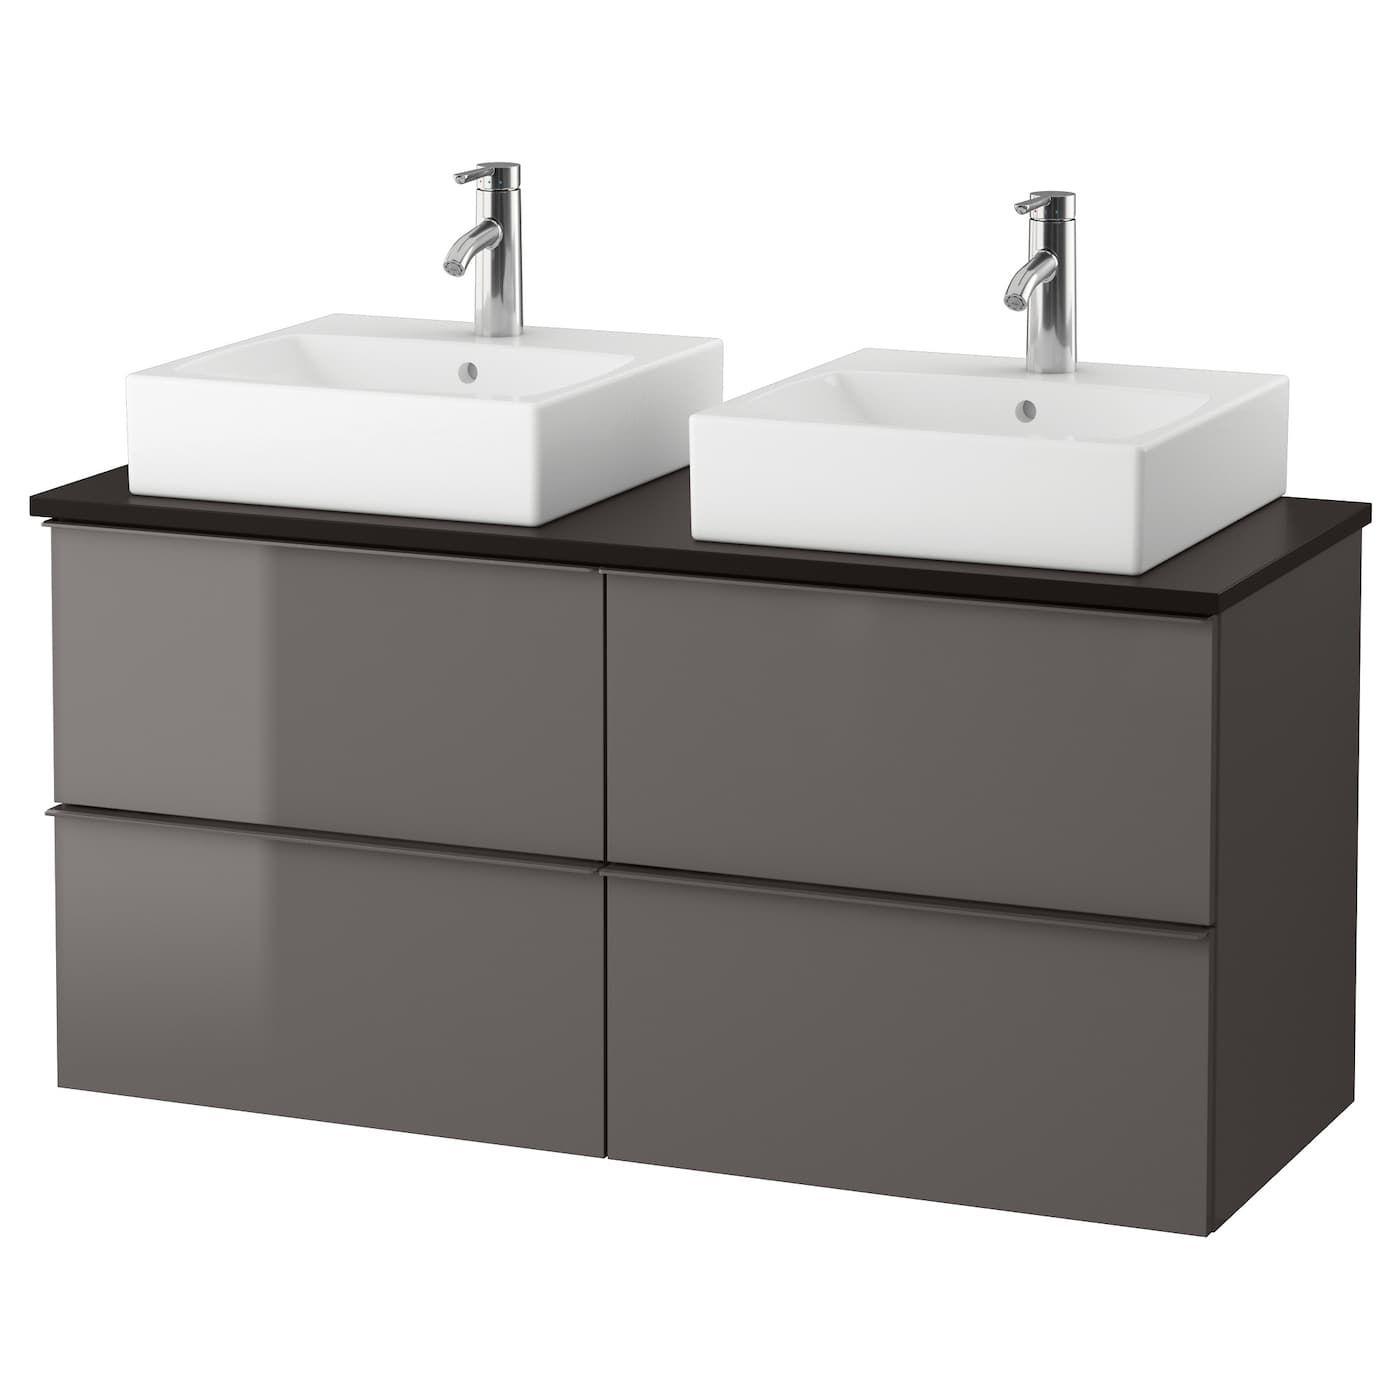 Godmorgon Tolken Tornviken Bathroom Vanity High Gloss Gray